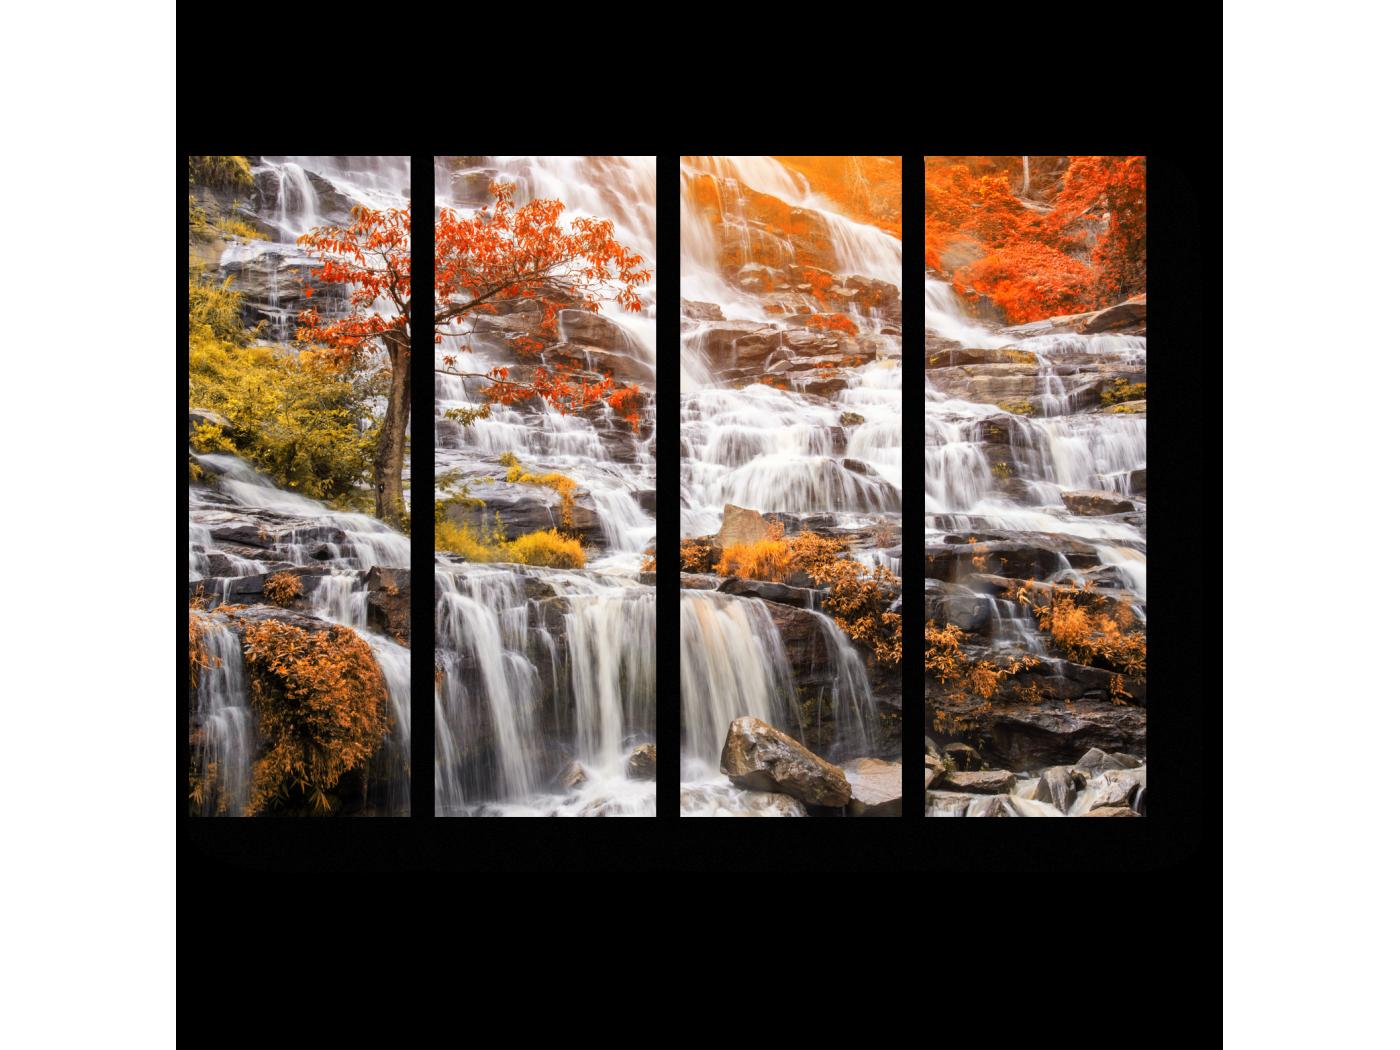 Модульная картина Райский водопад, Тайланд (60x45) фото